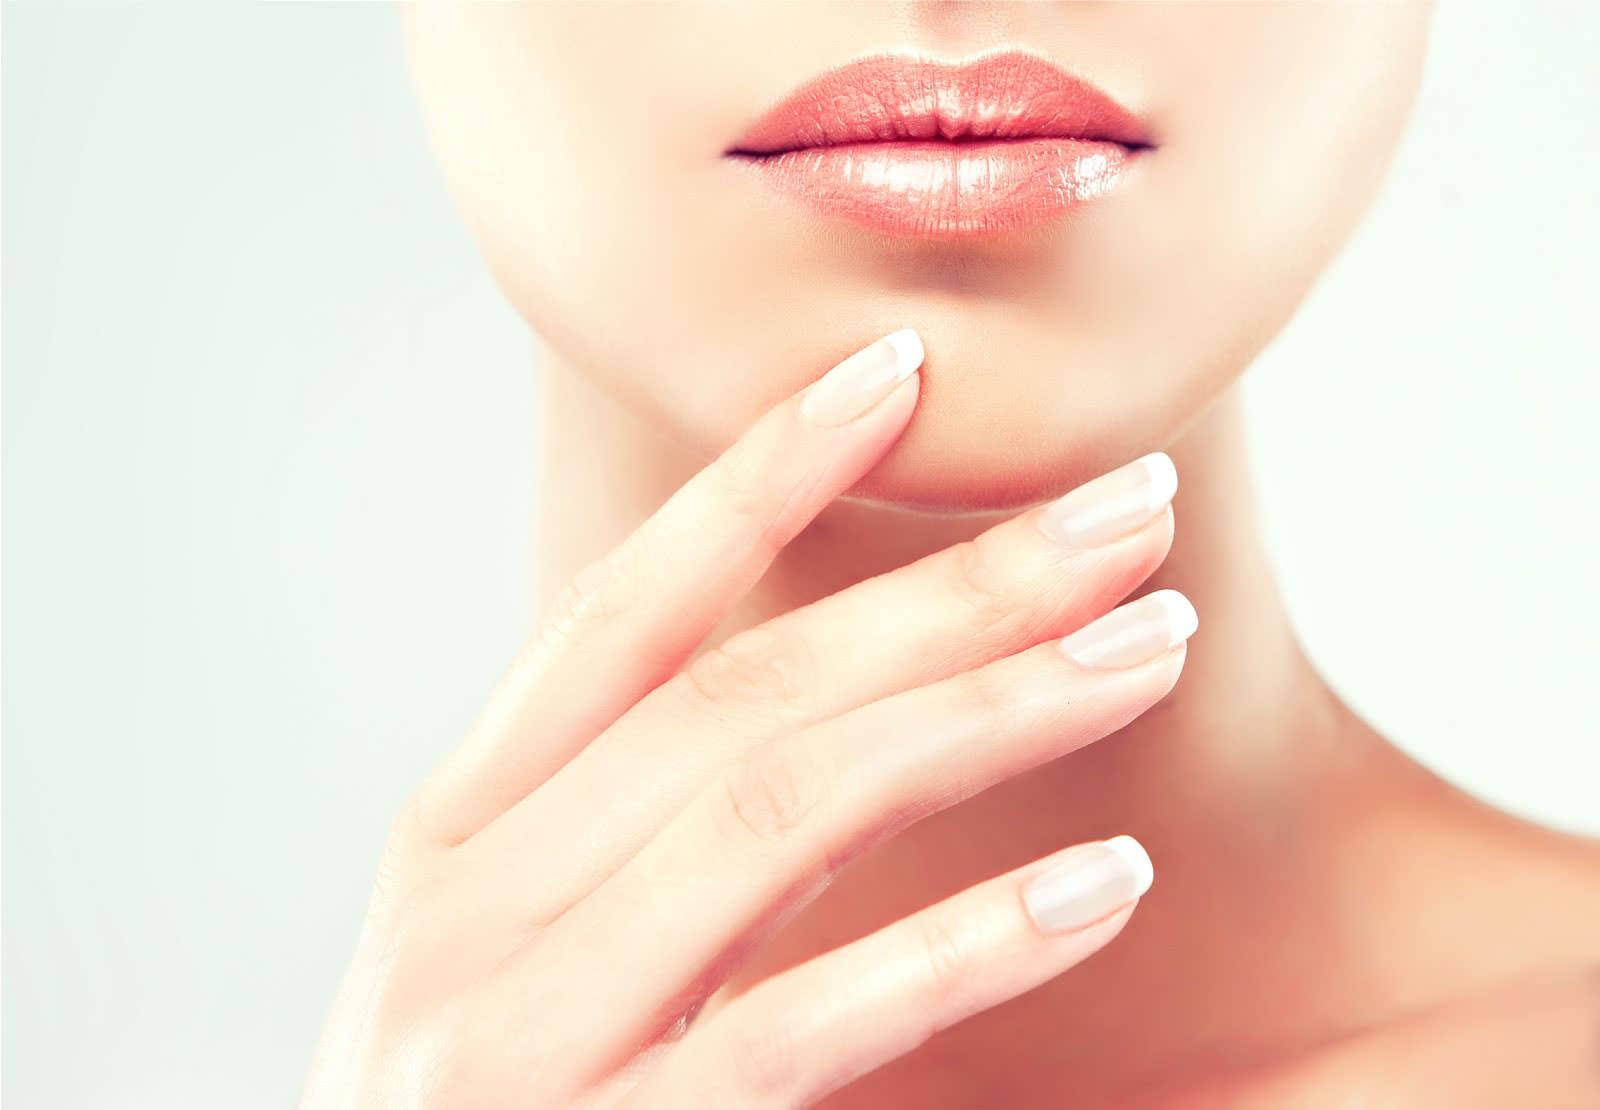 4 Ways to Healthy, Natural Nails